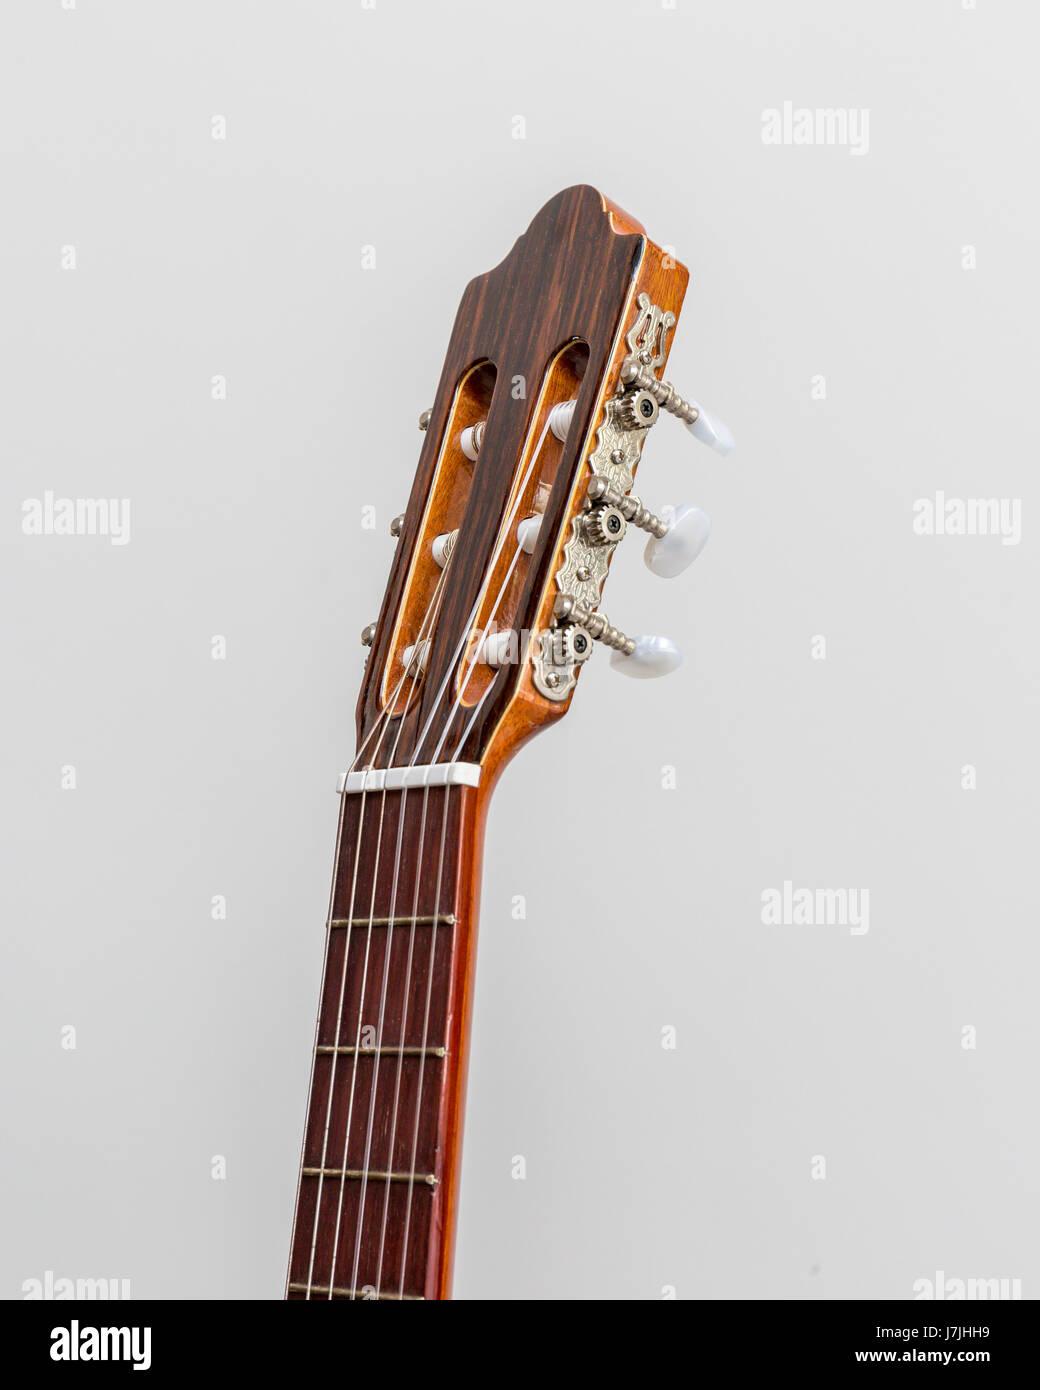 Großzügig änderungen Der Gitarren Schaltpläne Bilder - Die Besten ...